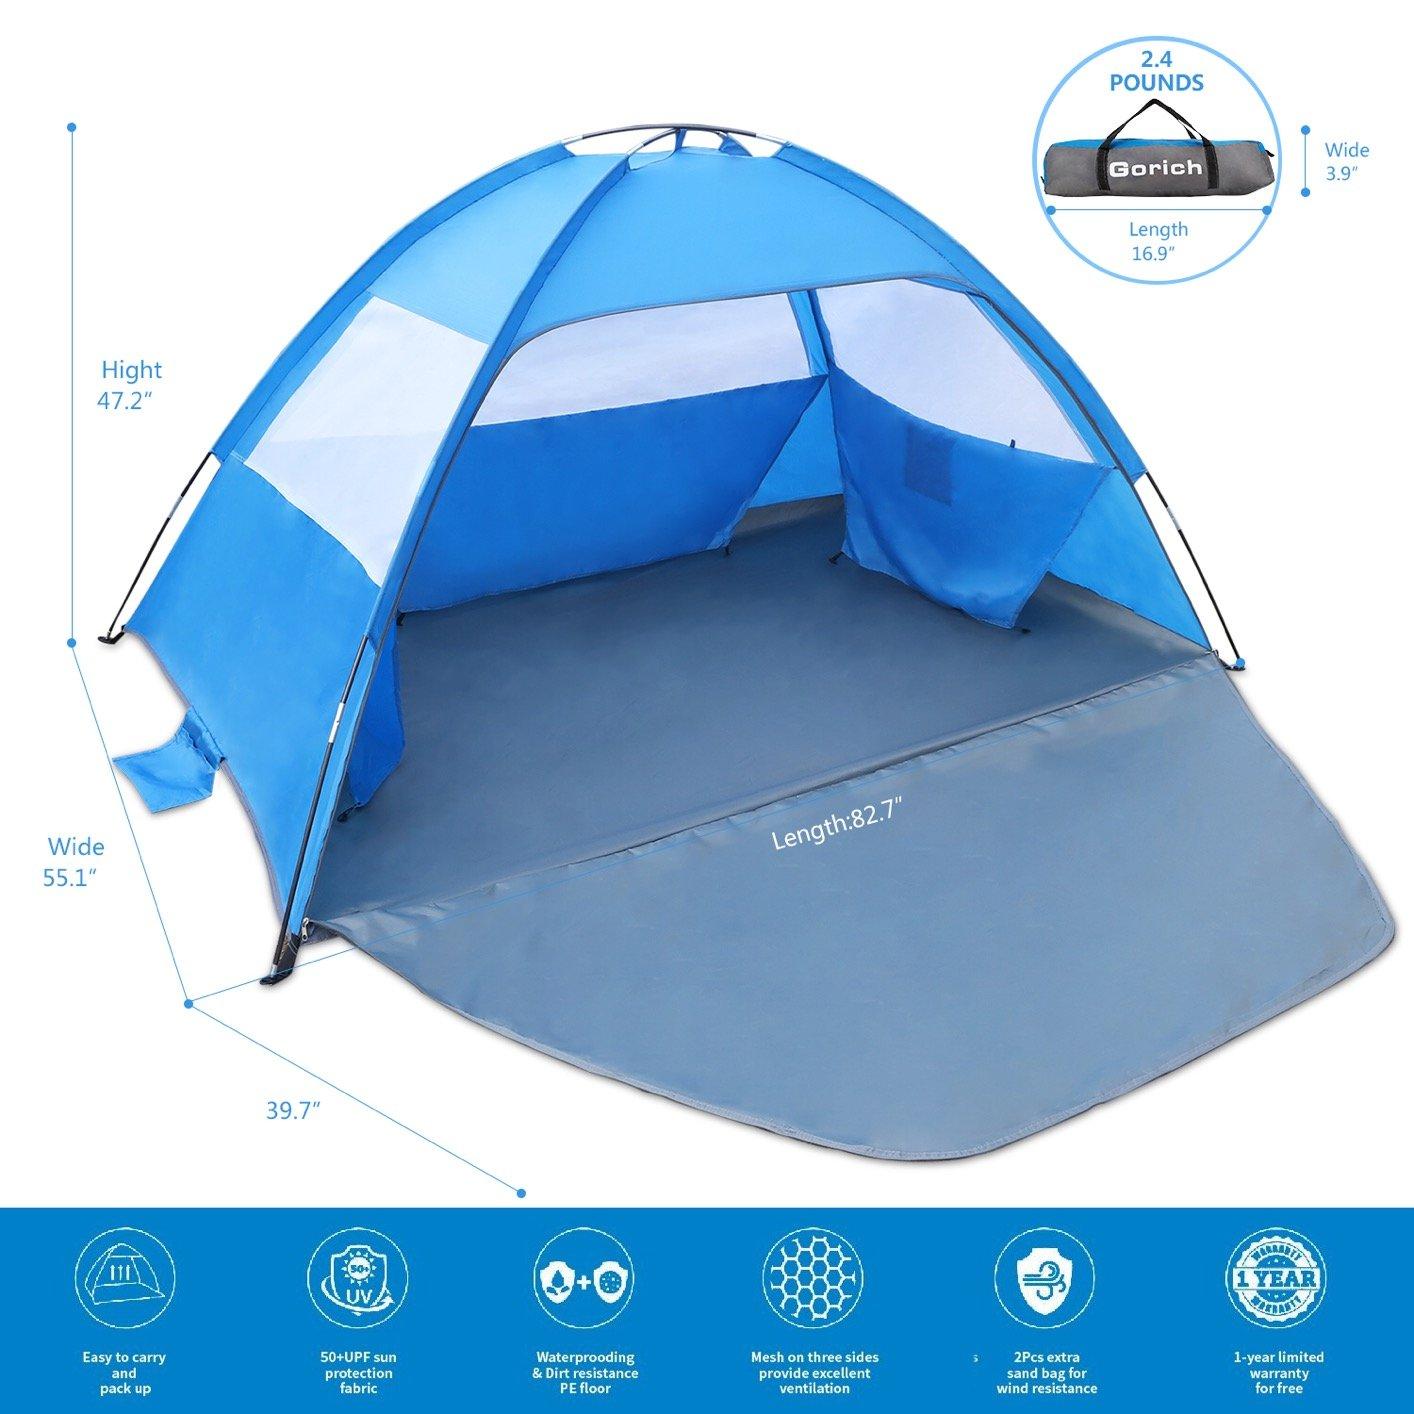 on sale 664b9 6029a Gorich [2019 New Beach Tent, UV Sun Shelter Lightweight Beach Sun Shade  Canopy Cabana Beach Tents Fit 3-4 Person